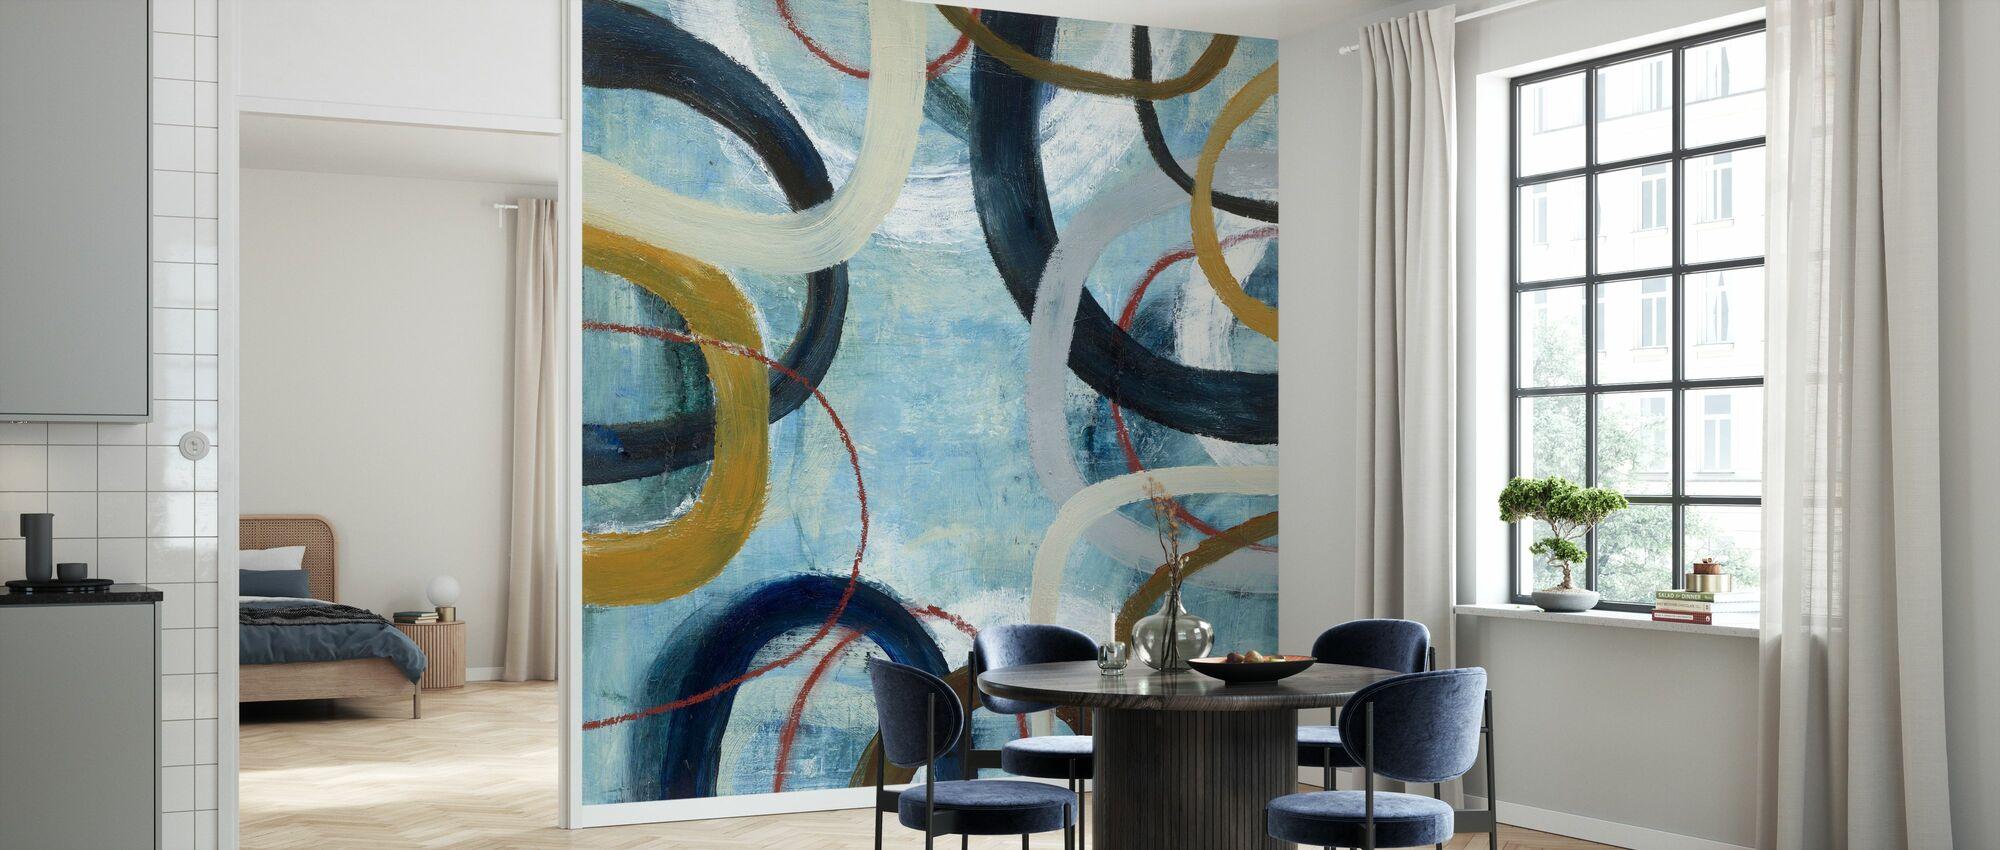 Dwell - Wallpaper - Kitchen